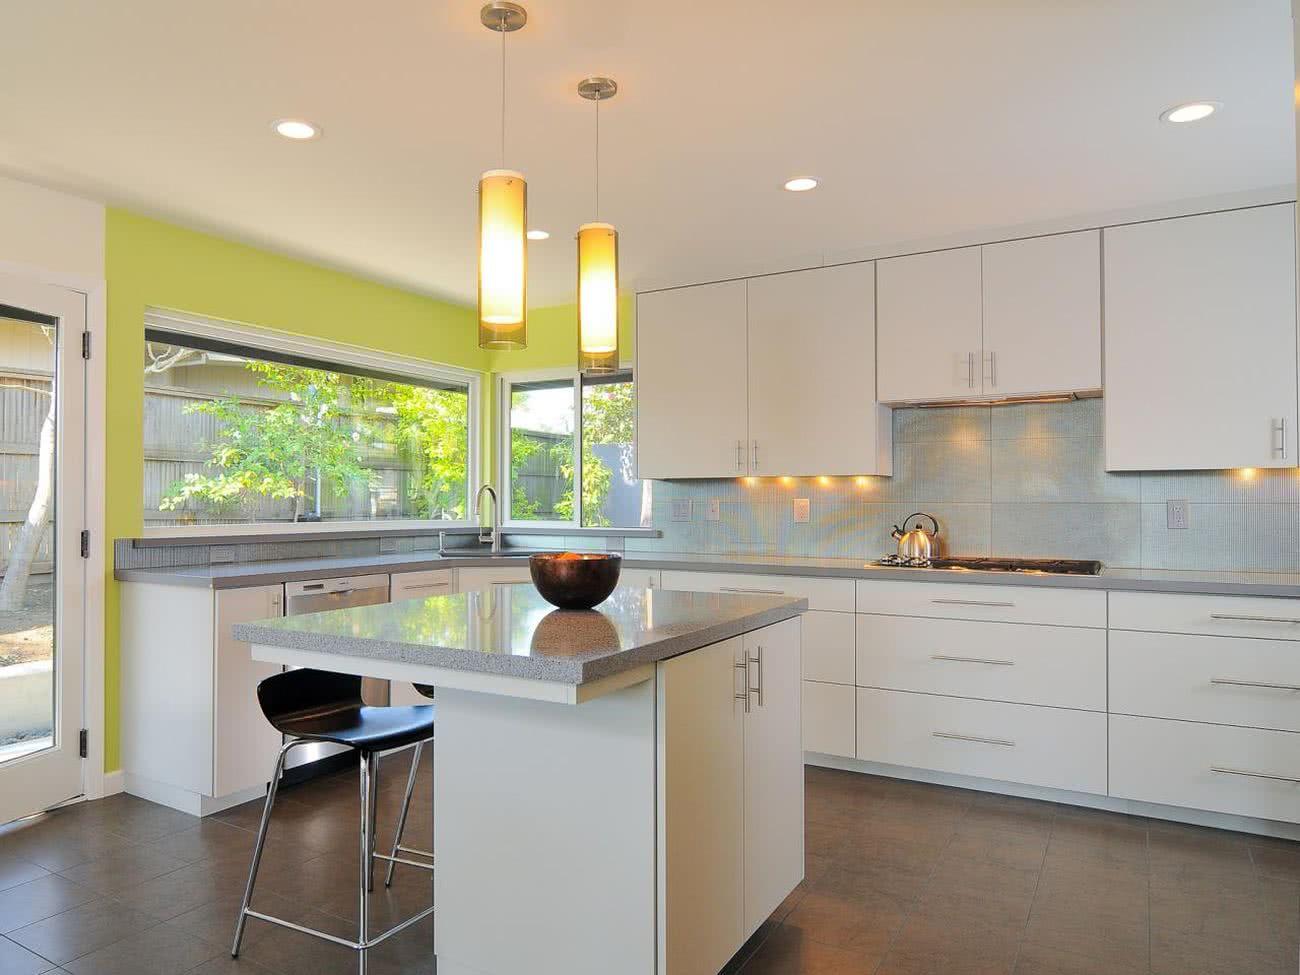 esquemas de colores de cocina atemporales Cocinas Blancas Modernas 70 Fotos Inspiradoras E Ideas